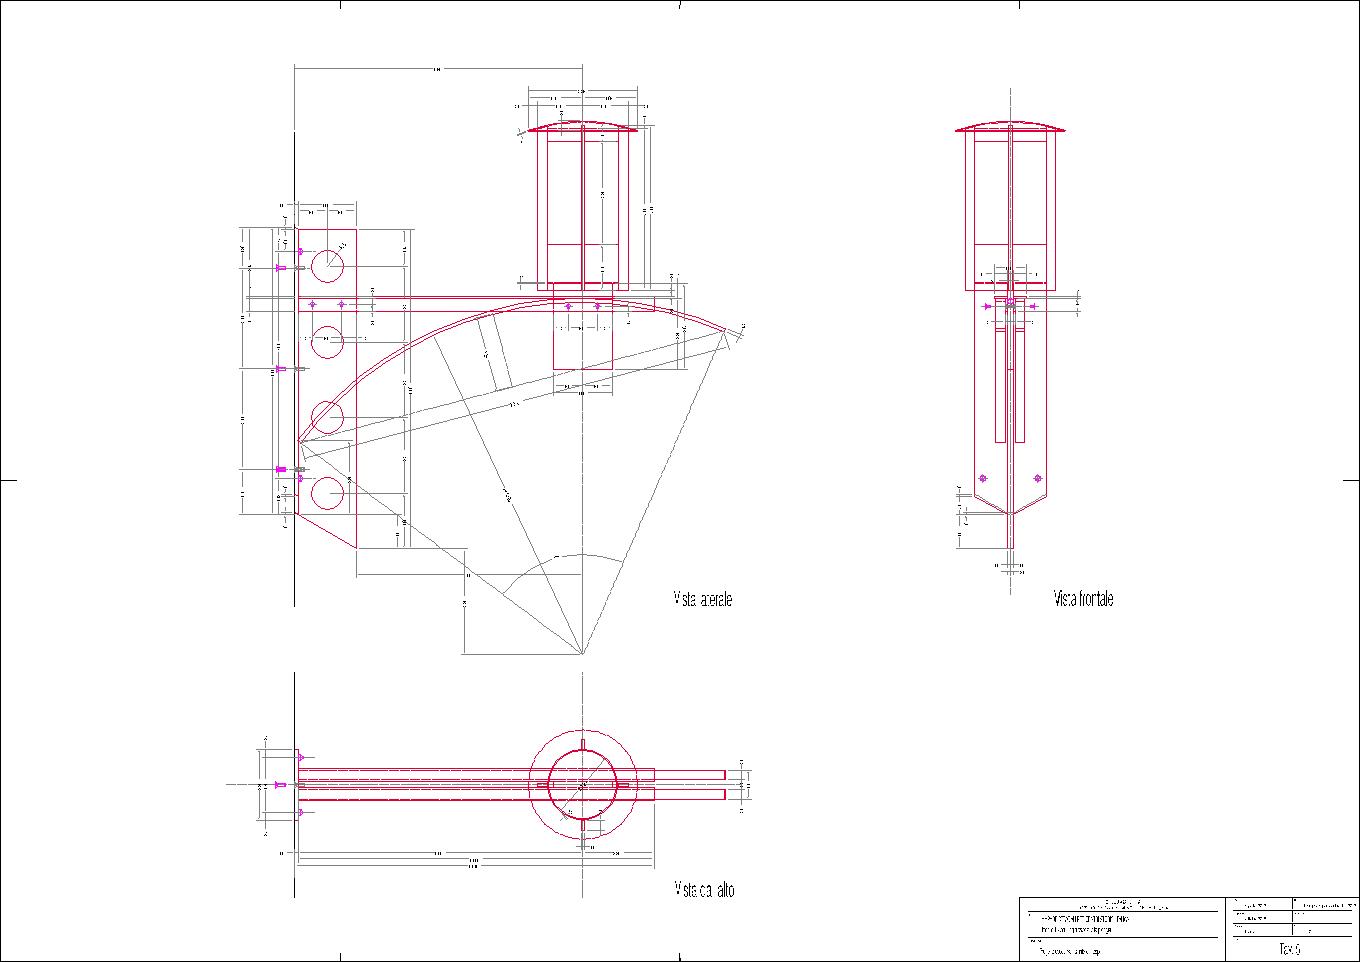 5-lampada-per-centro-sotrico-2013-copia-3-model